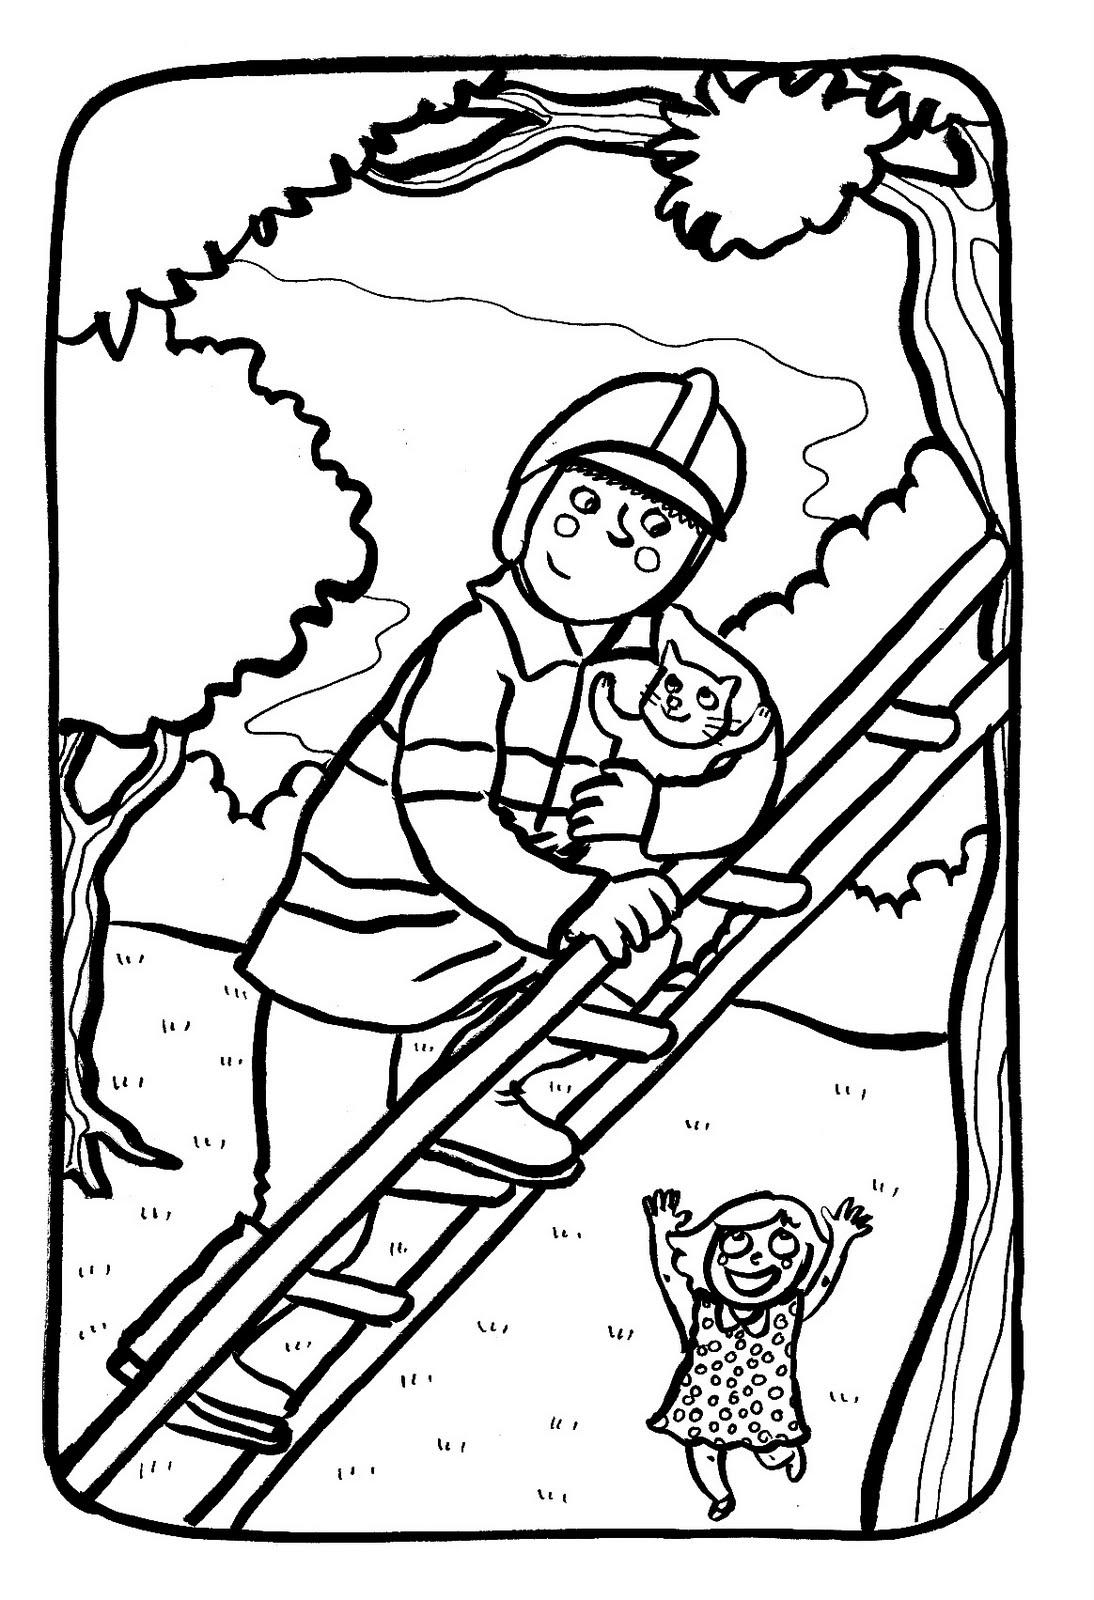 Pompier coloriage de pompiers coloriages pour enfants - Coloriages pompiers ...